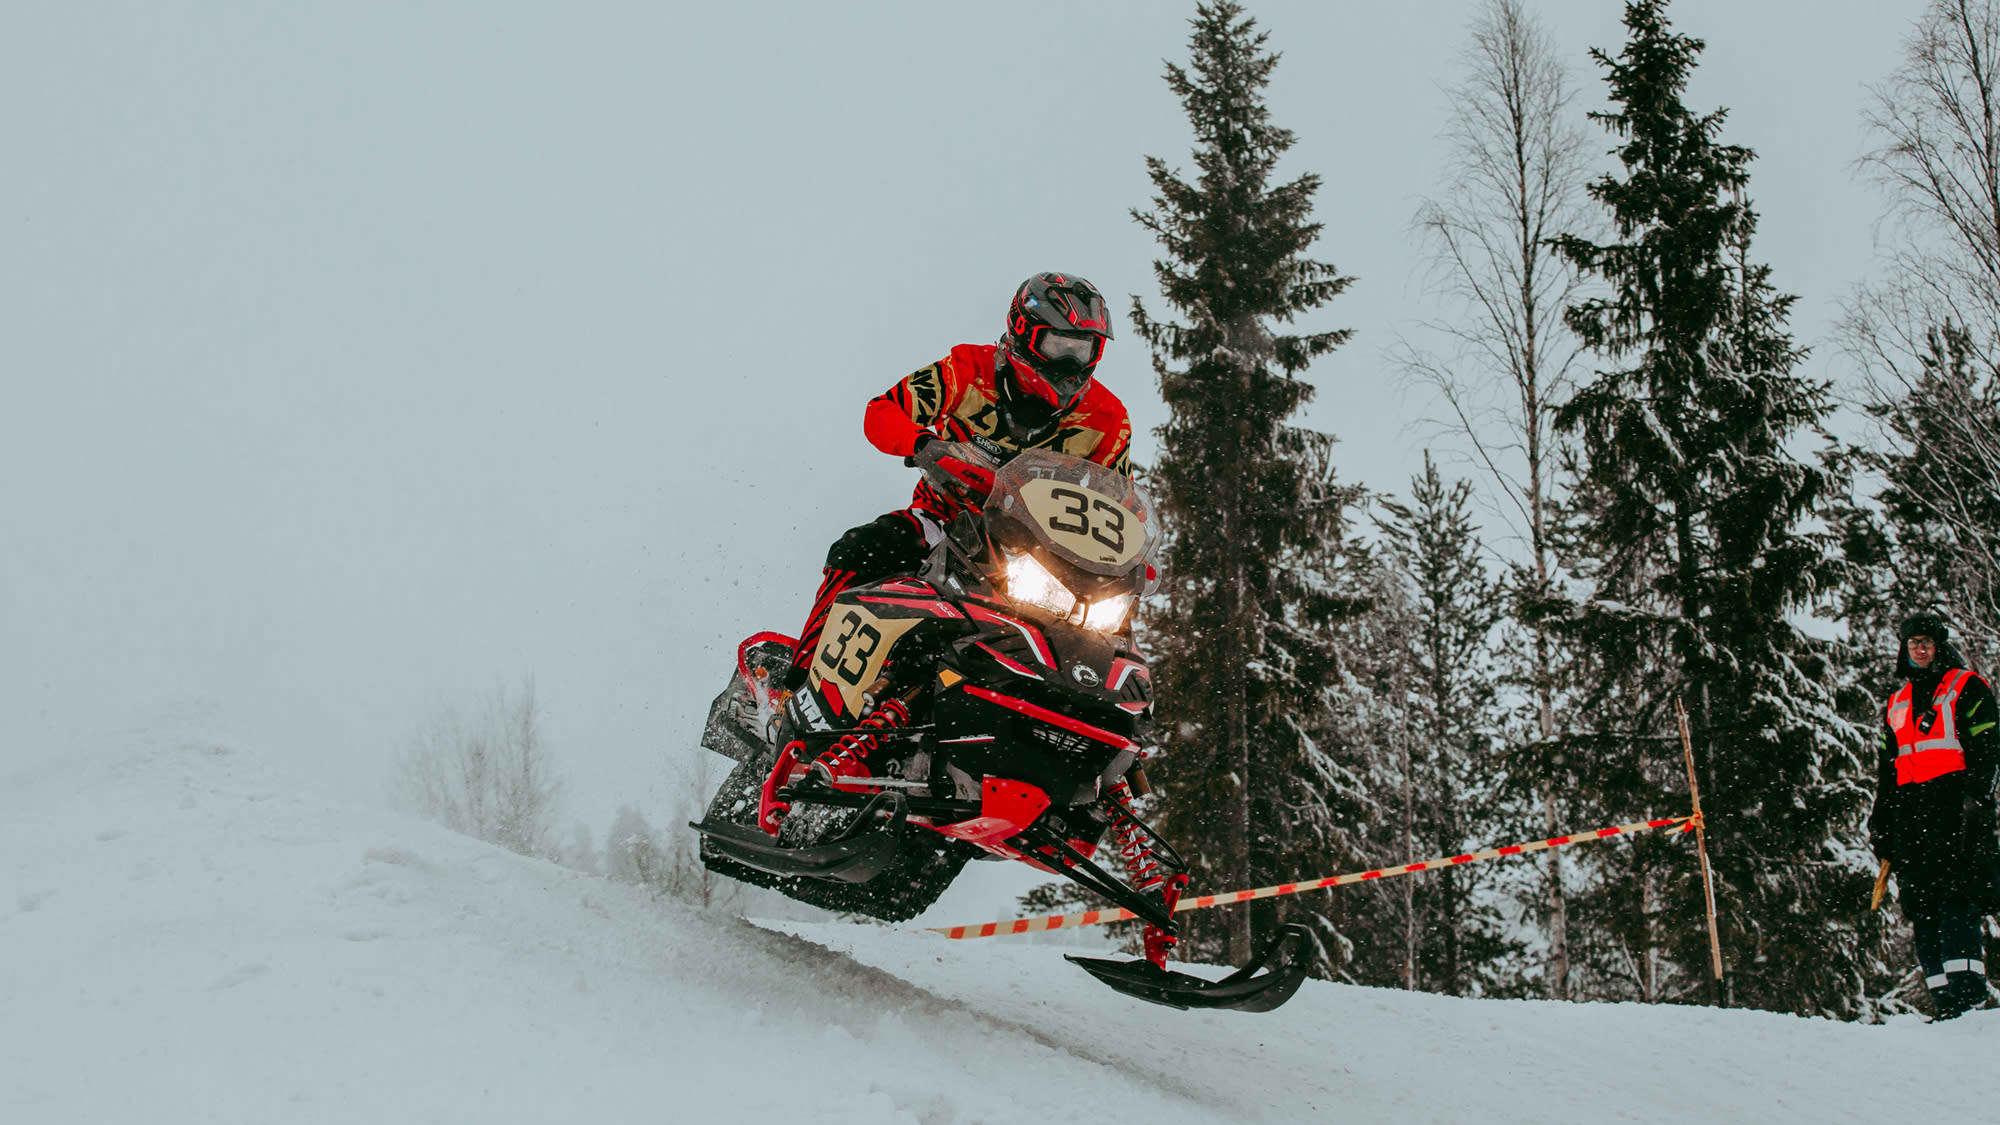 Moottorikelkka kiitää lujaa lähes ilmassa lumisessa metsässä